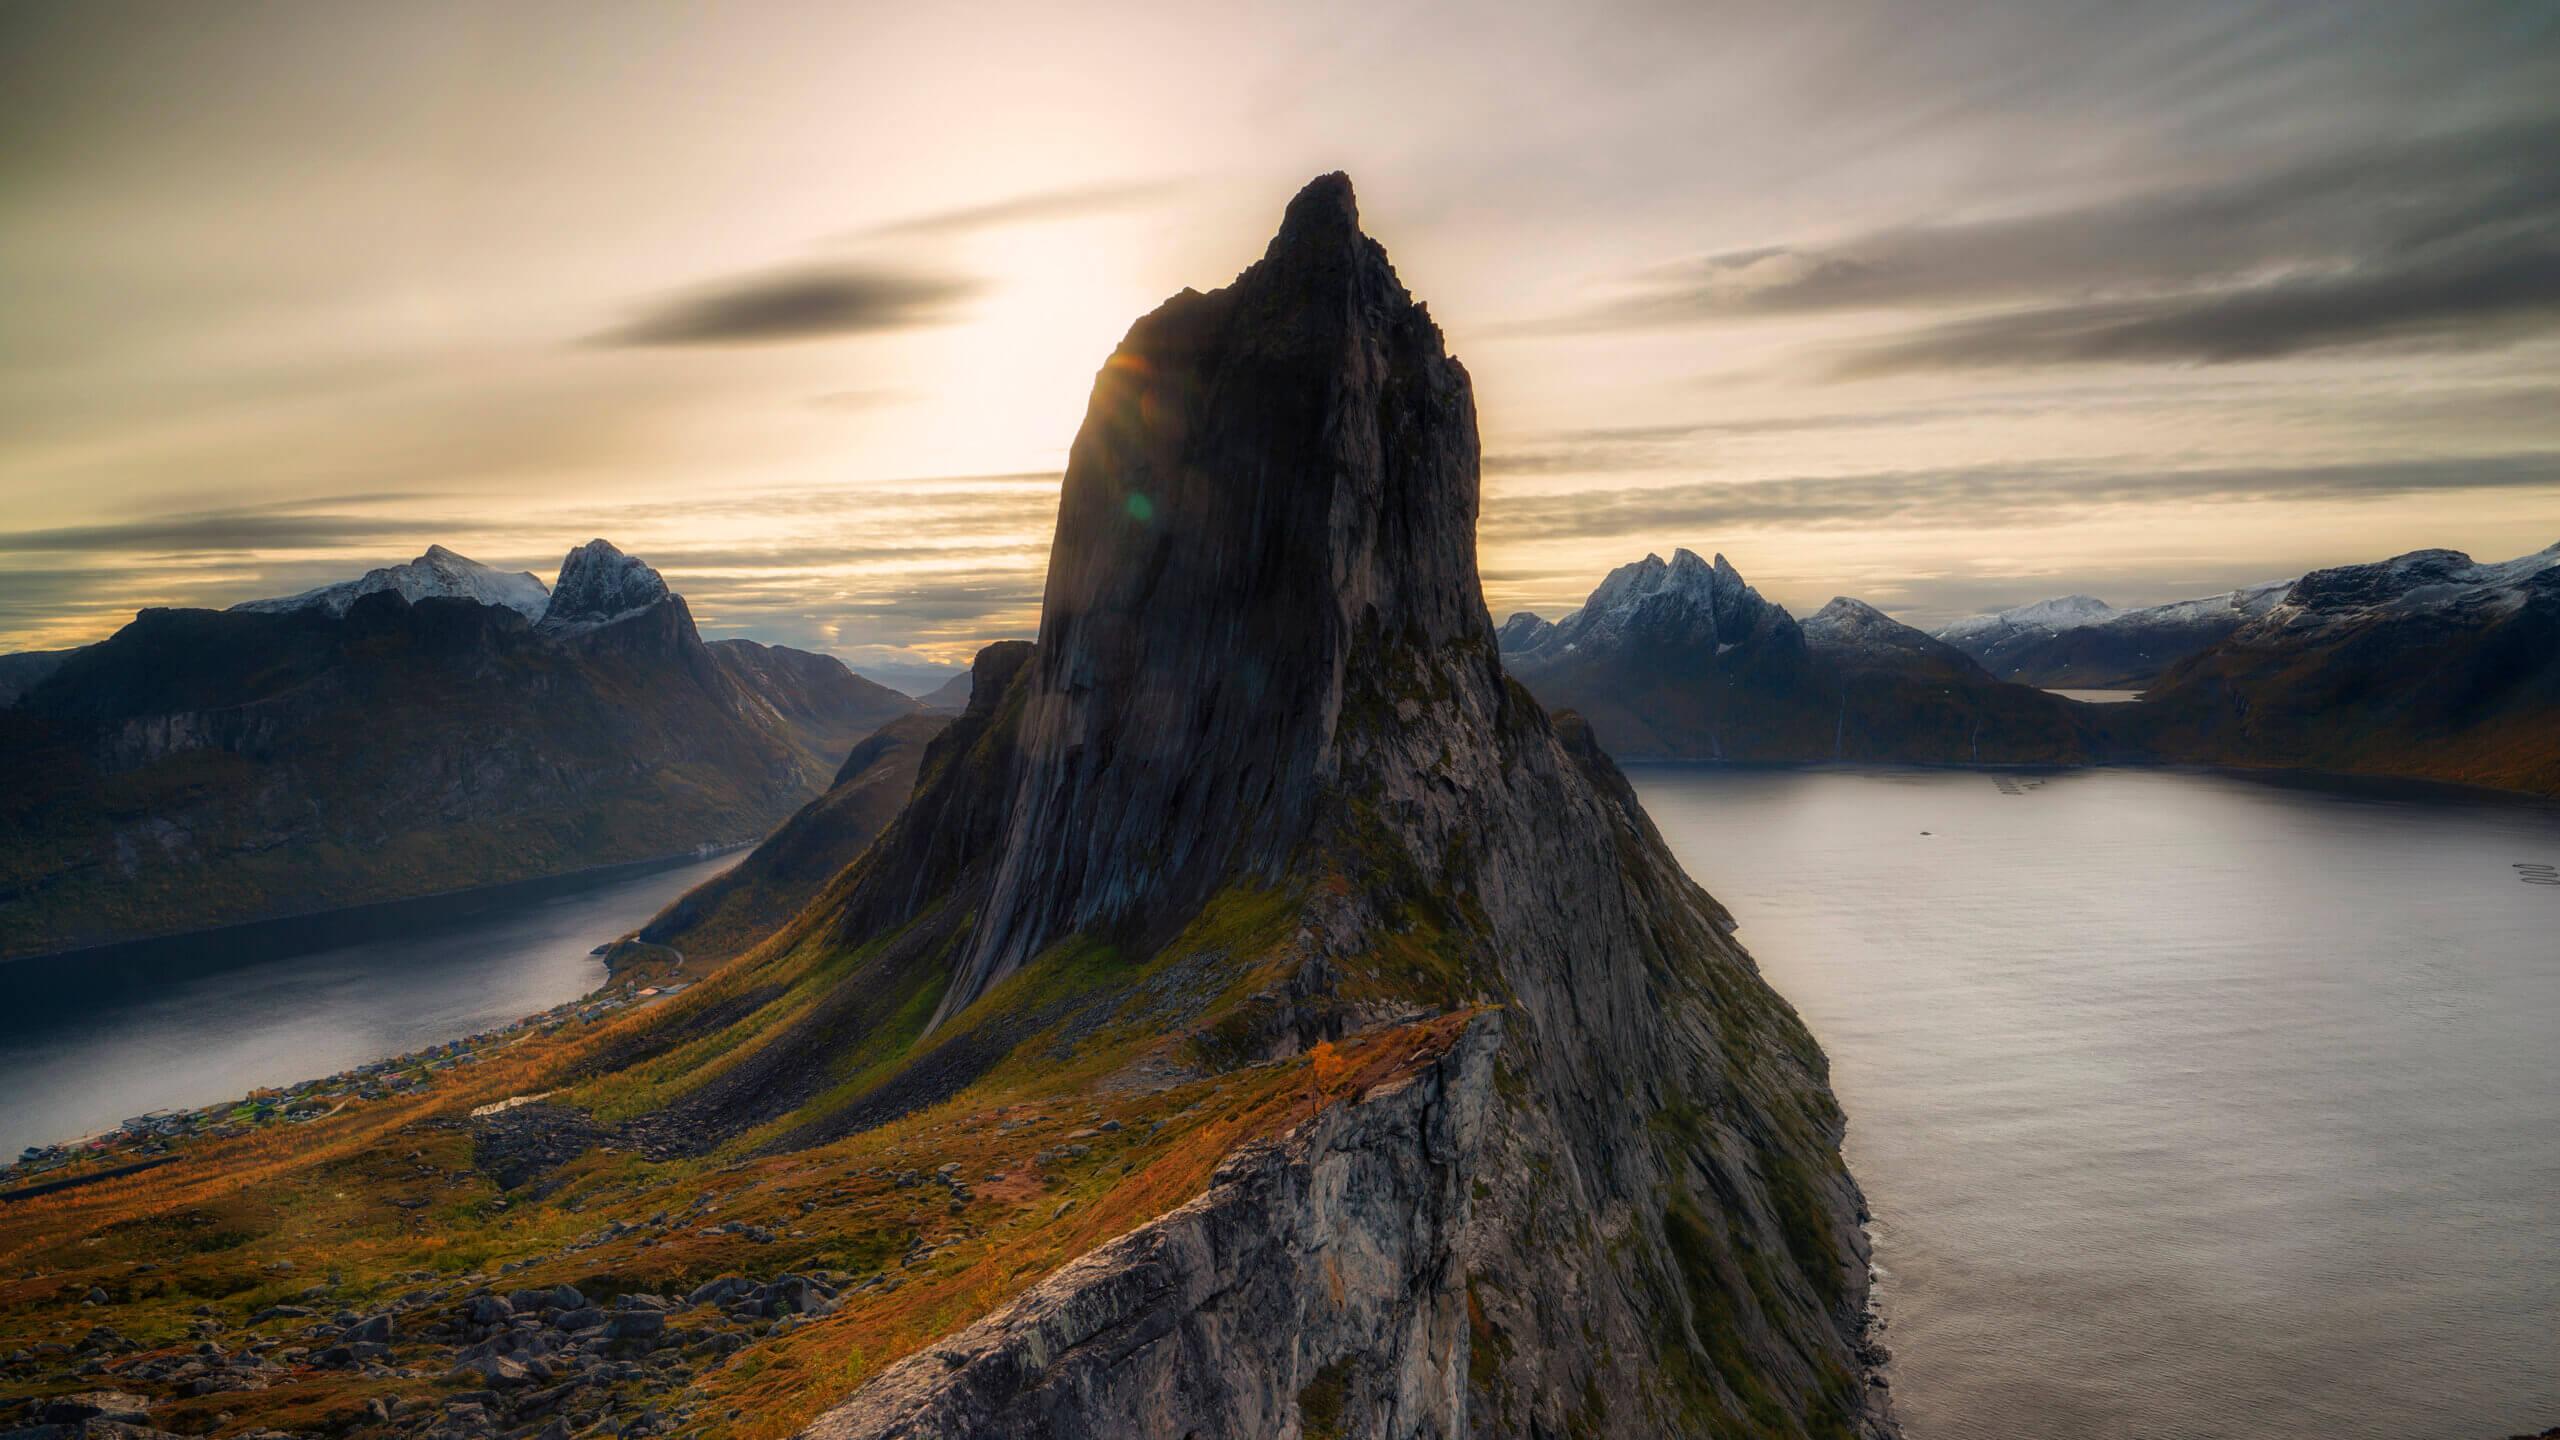 Segla mountain by Joakim Jormelin